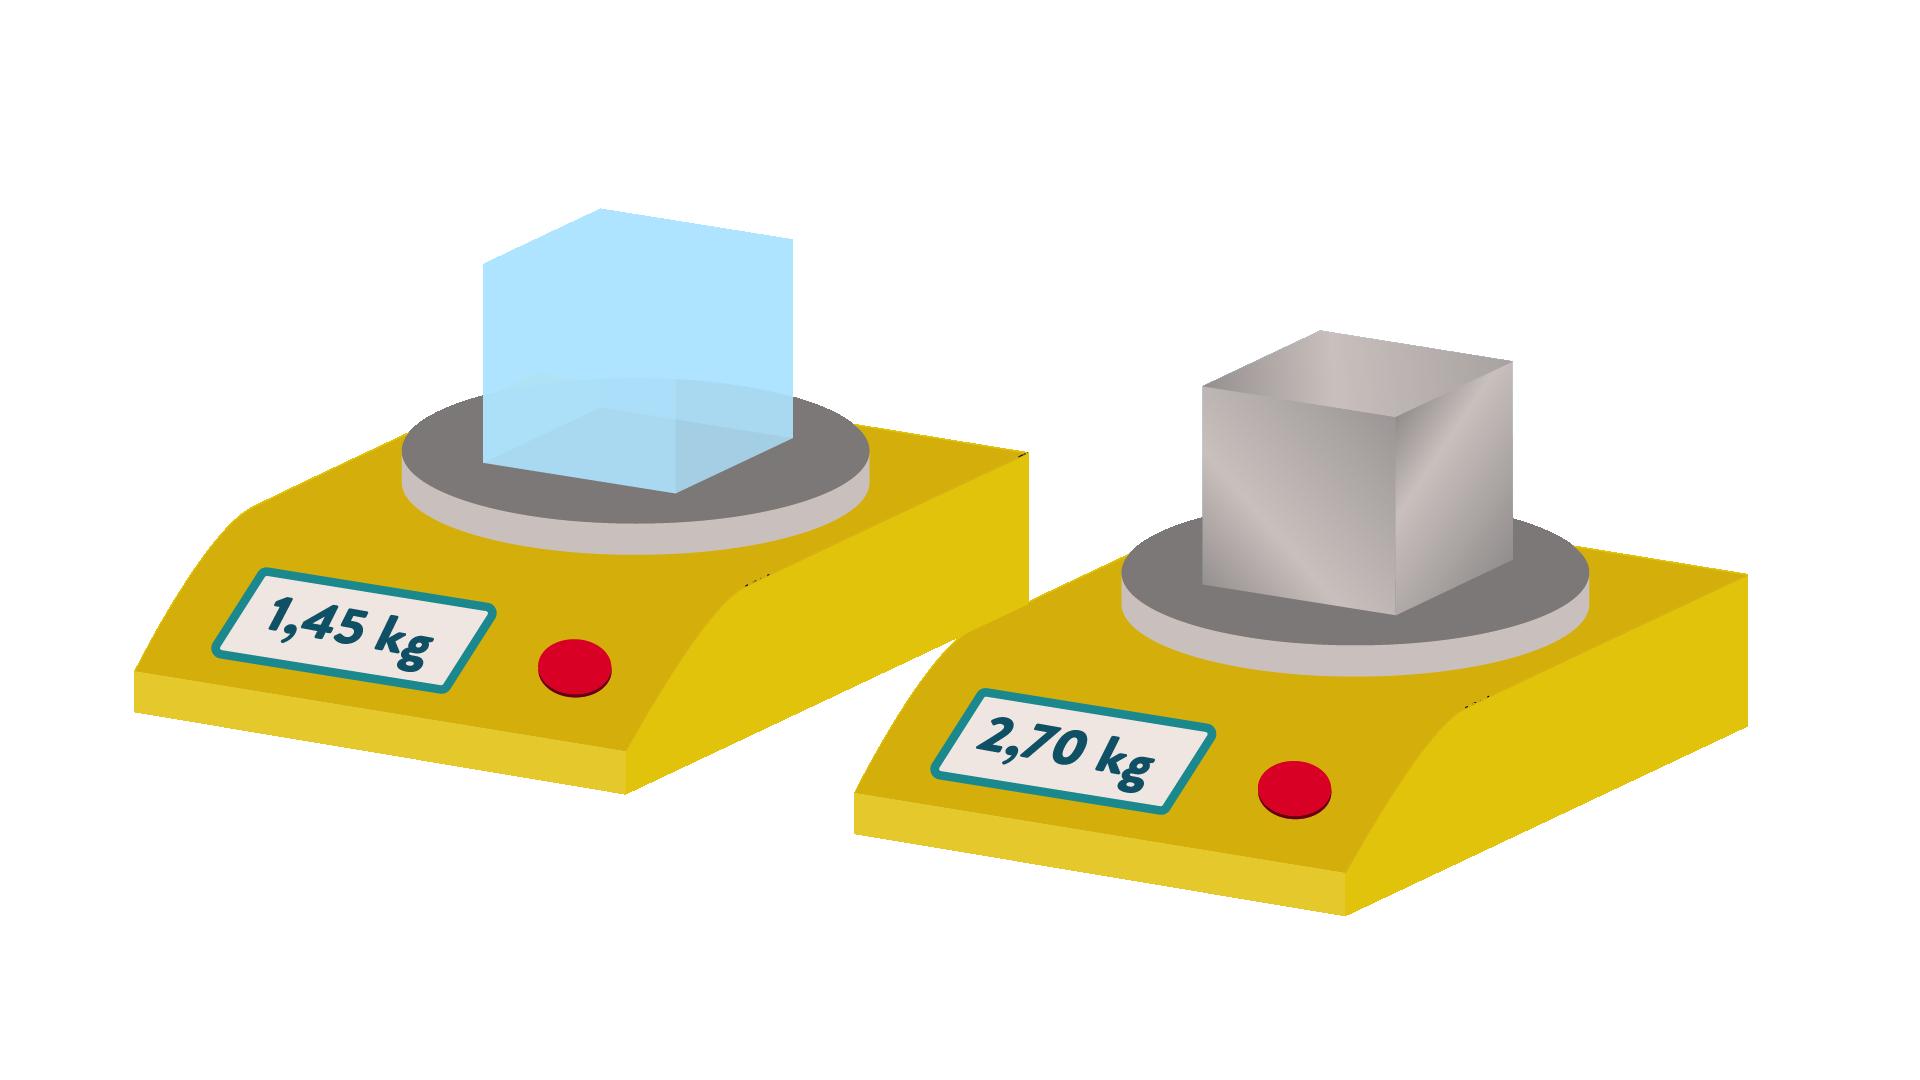 Deux cubes de même volume mais de masses différentes